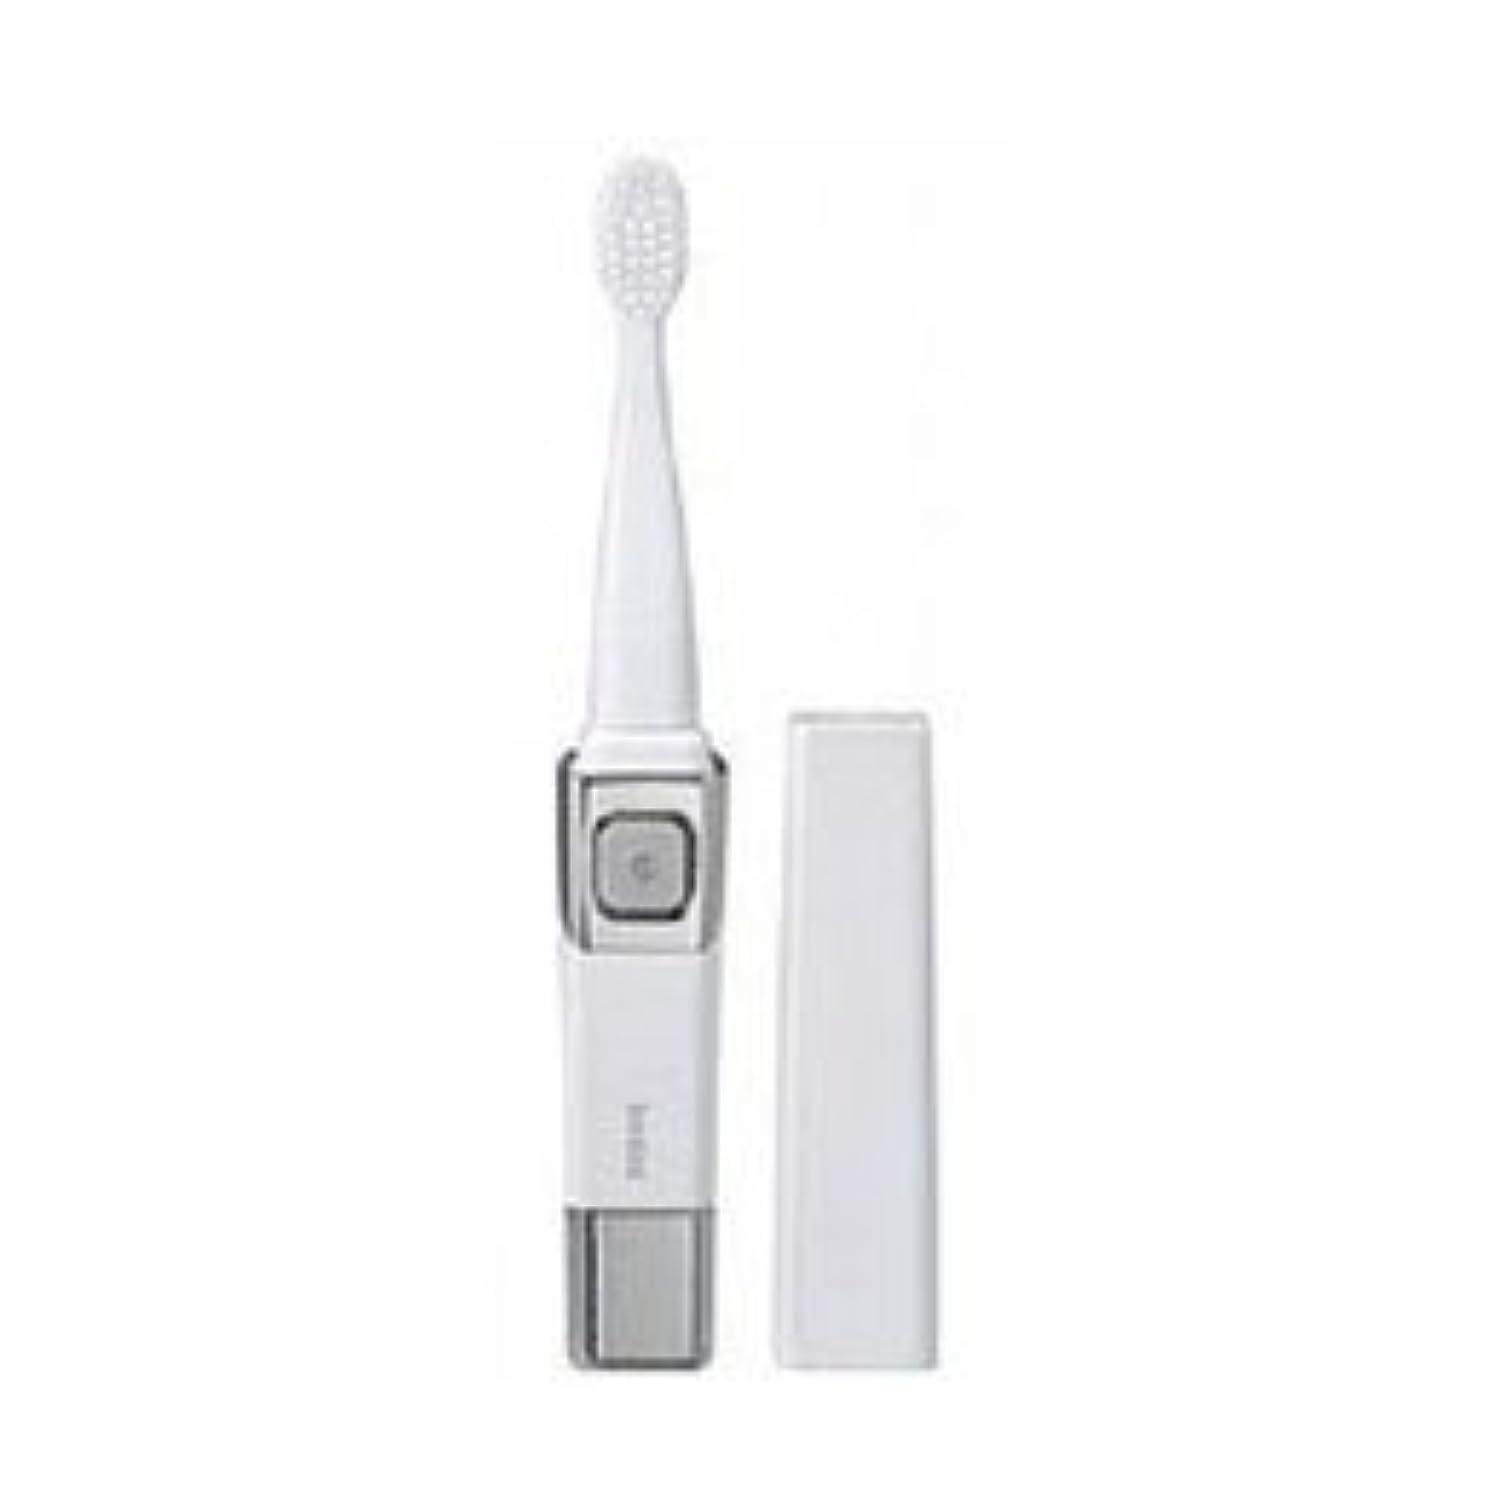 楽観的生き物どっちでも(3個まとめ売り) ツインバード 音波振動歯ブラシ パールホワイト BD-2755PW